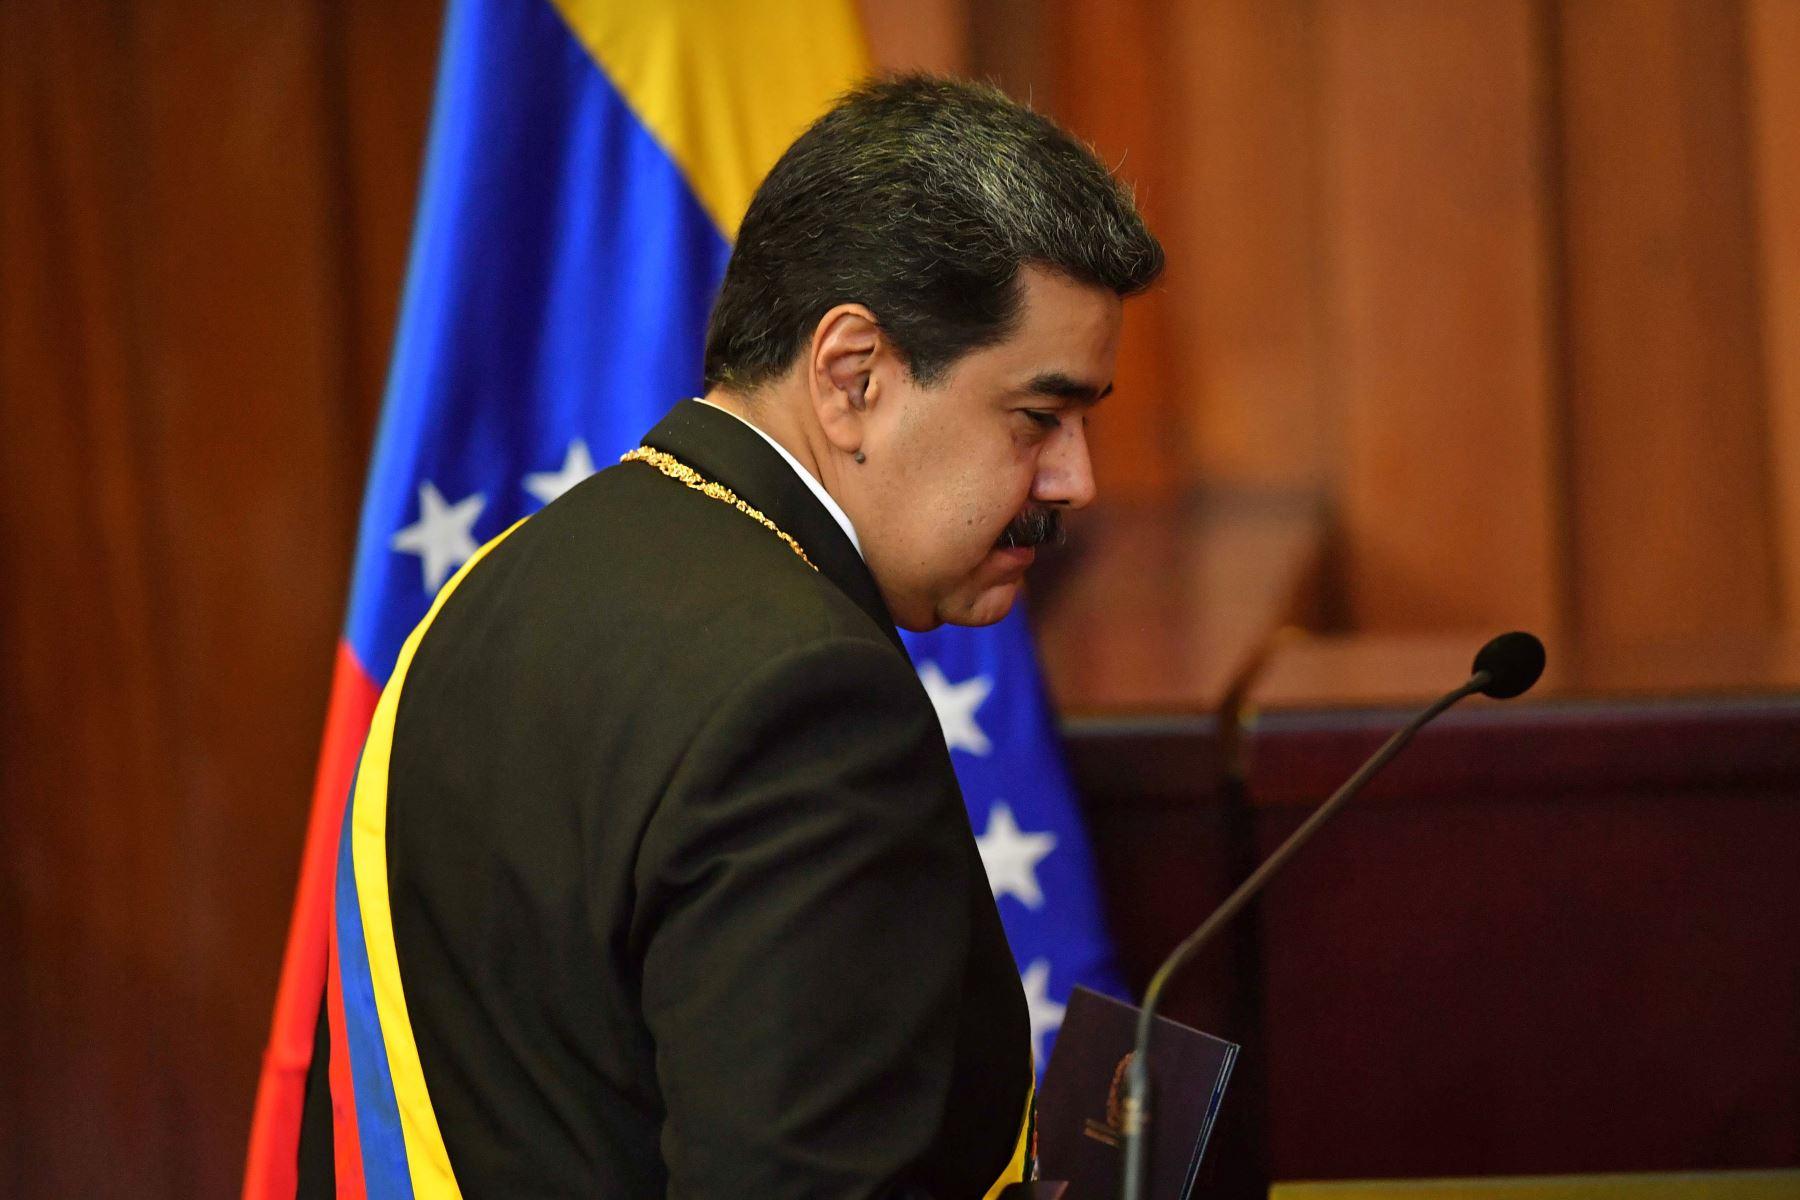 El presidente de Venezuela, Nicolás Maduro, camina hacia el estrado para pronunciar un discurso luego de jurar su segundo mandato en la Corte Suprema de Justicia (TSJ) de Caracas. AFP